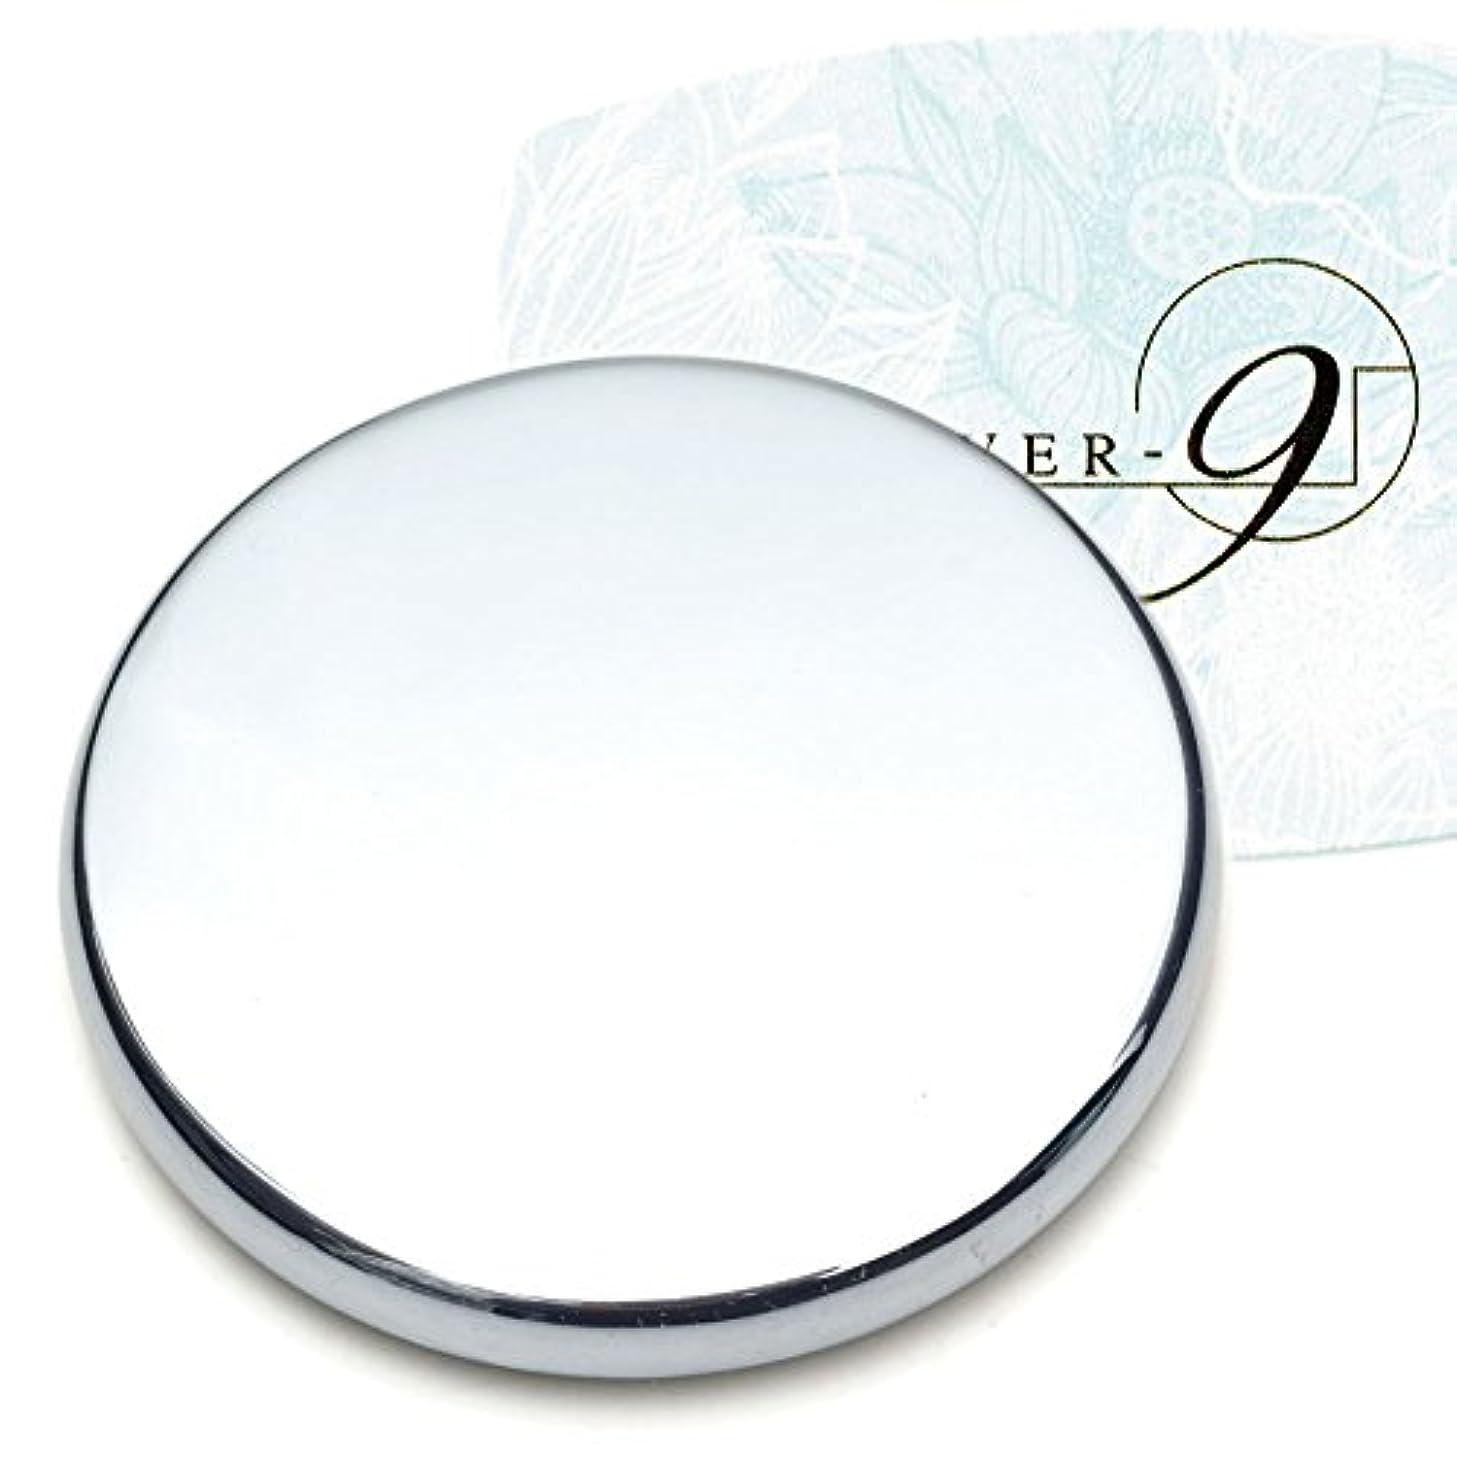 理想的にはほんの役立つ[OVER-9®] テラヘルツ鉱石 エステ用 丸型 円盤 プレート 公的機関にて検査済み!パワーストーン 天然石 健康 美容 美顔 かっさ グッズ お風呂